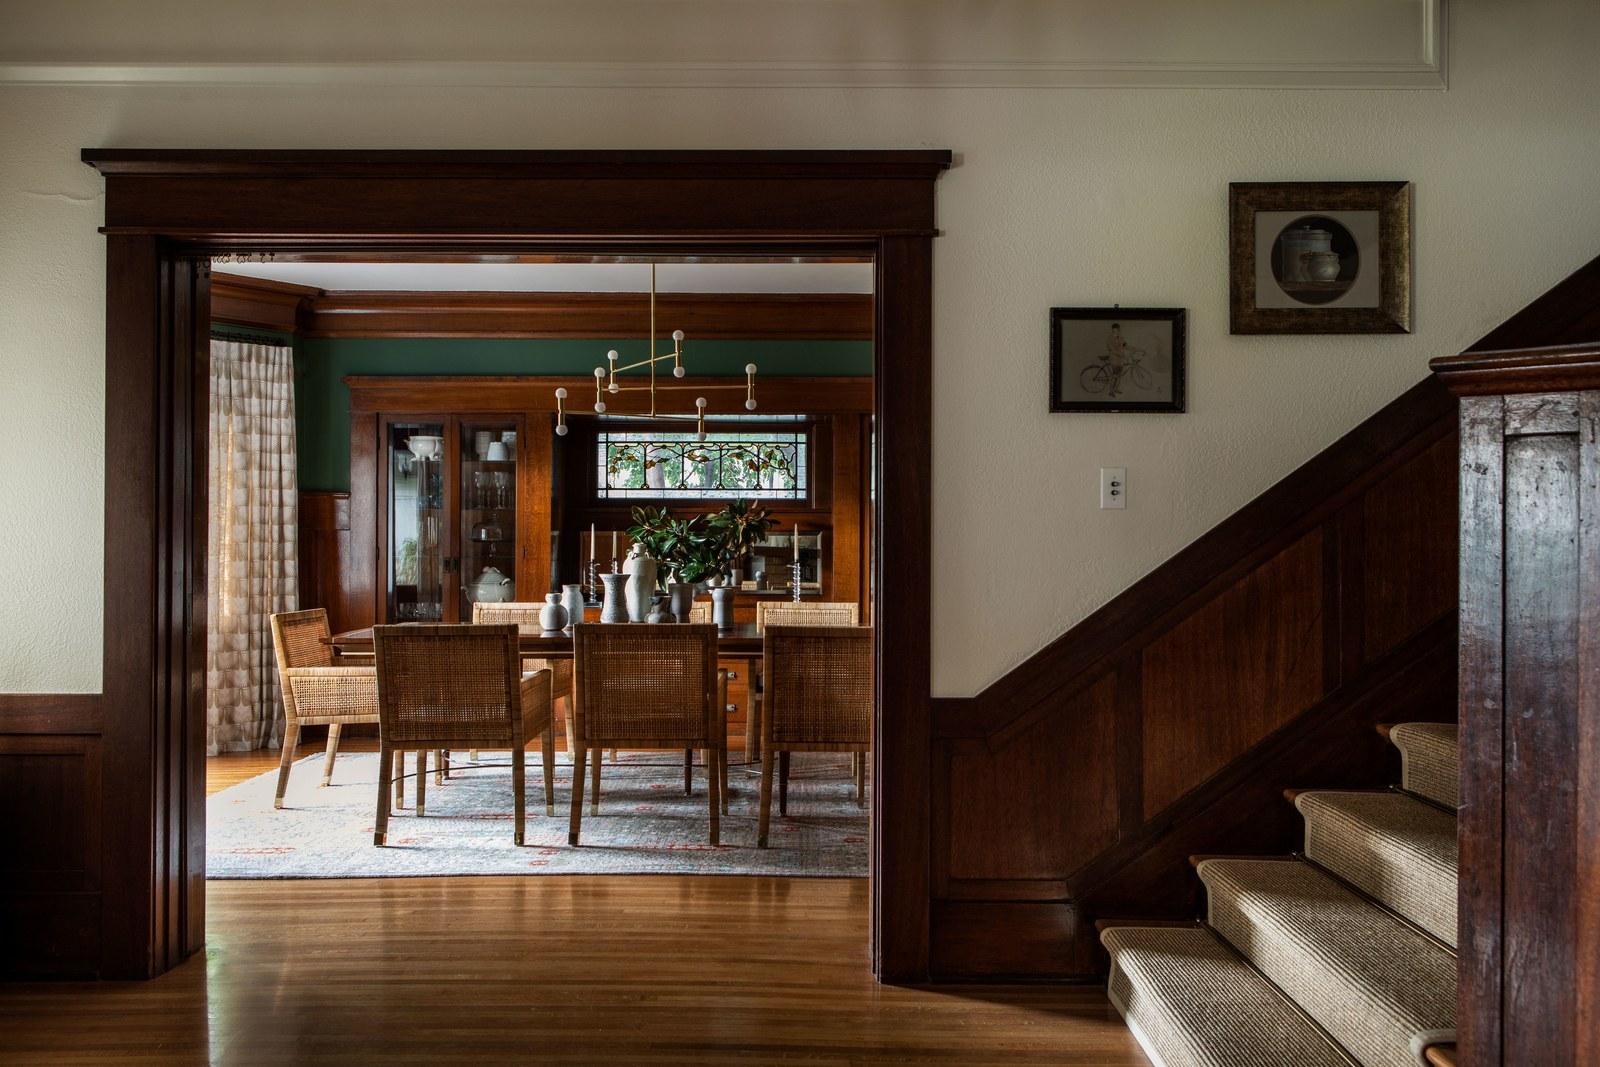 entrée classique | visite de maison d'artisan historique moderne jacey duprie